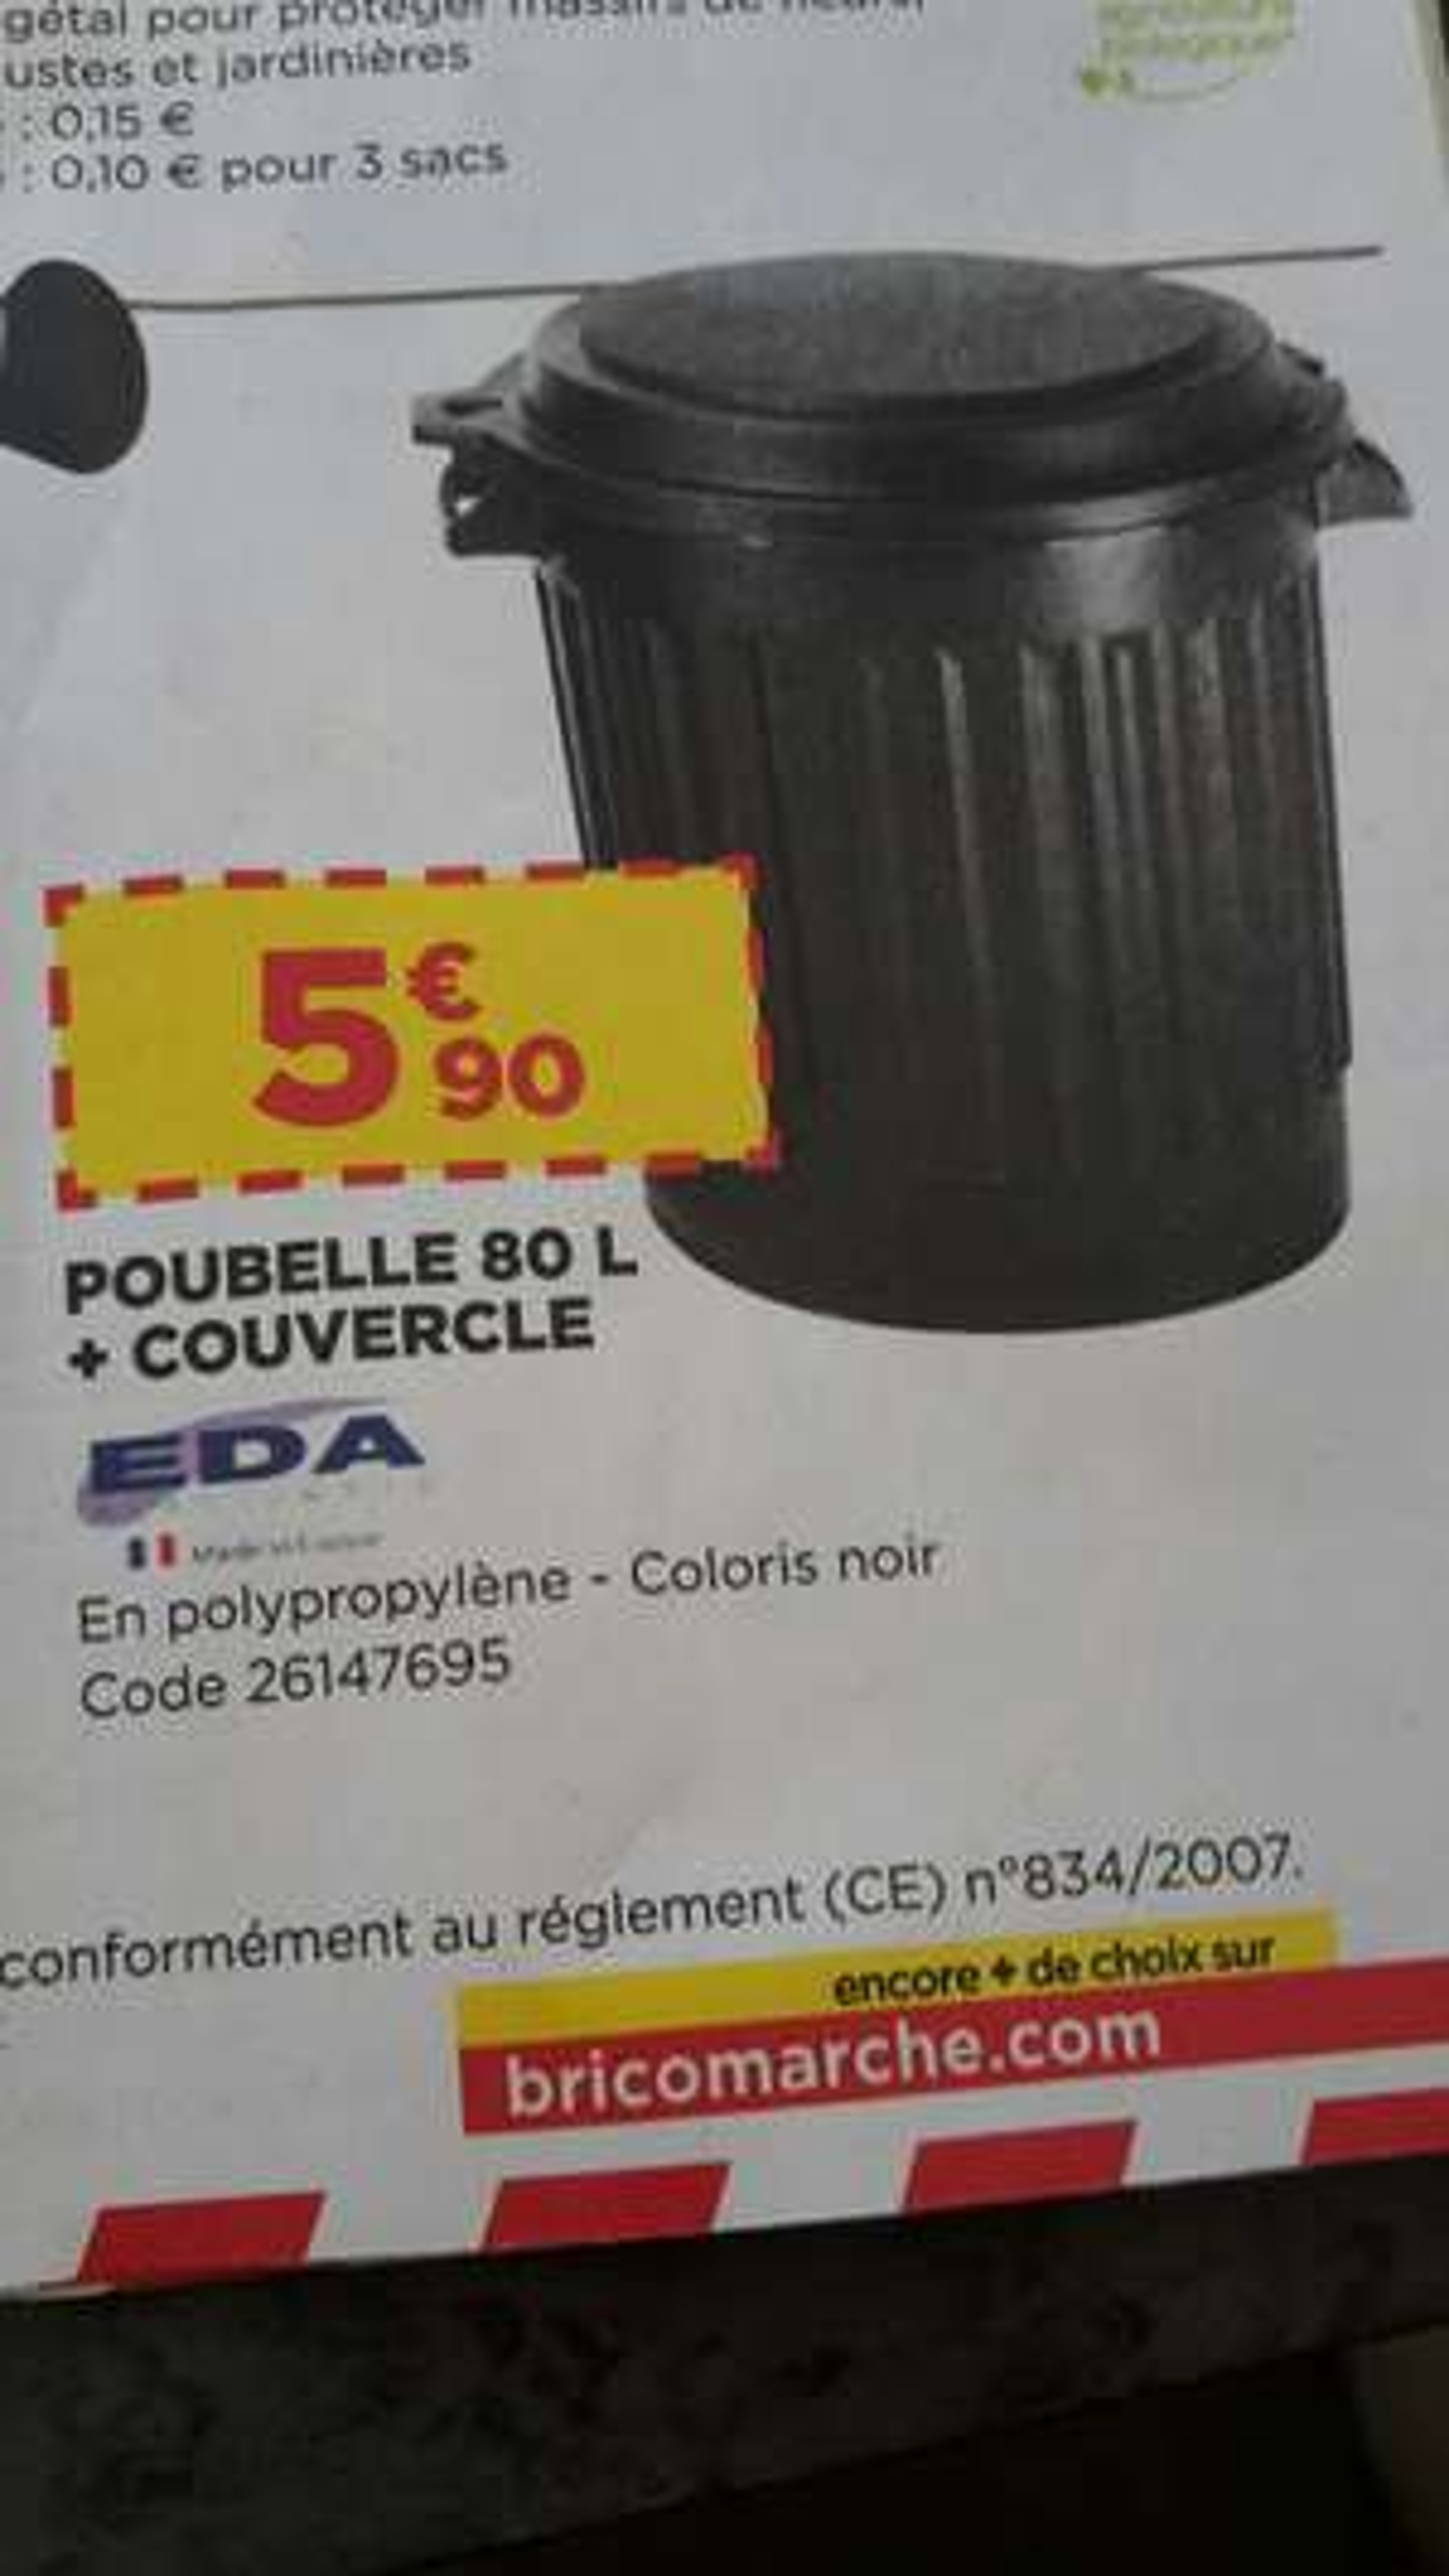 Poubelle + couvercle EDA - 80 L, noir